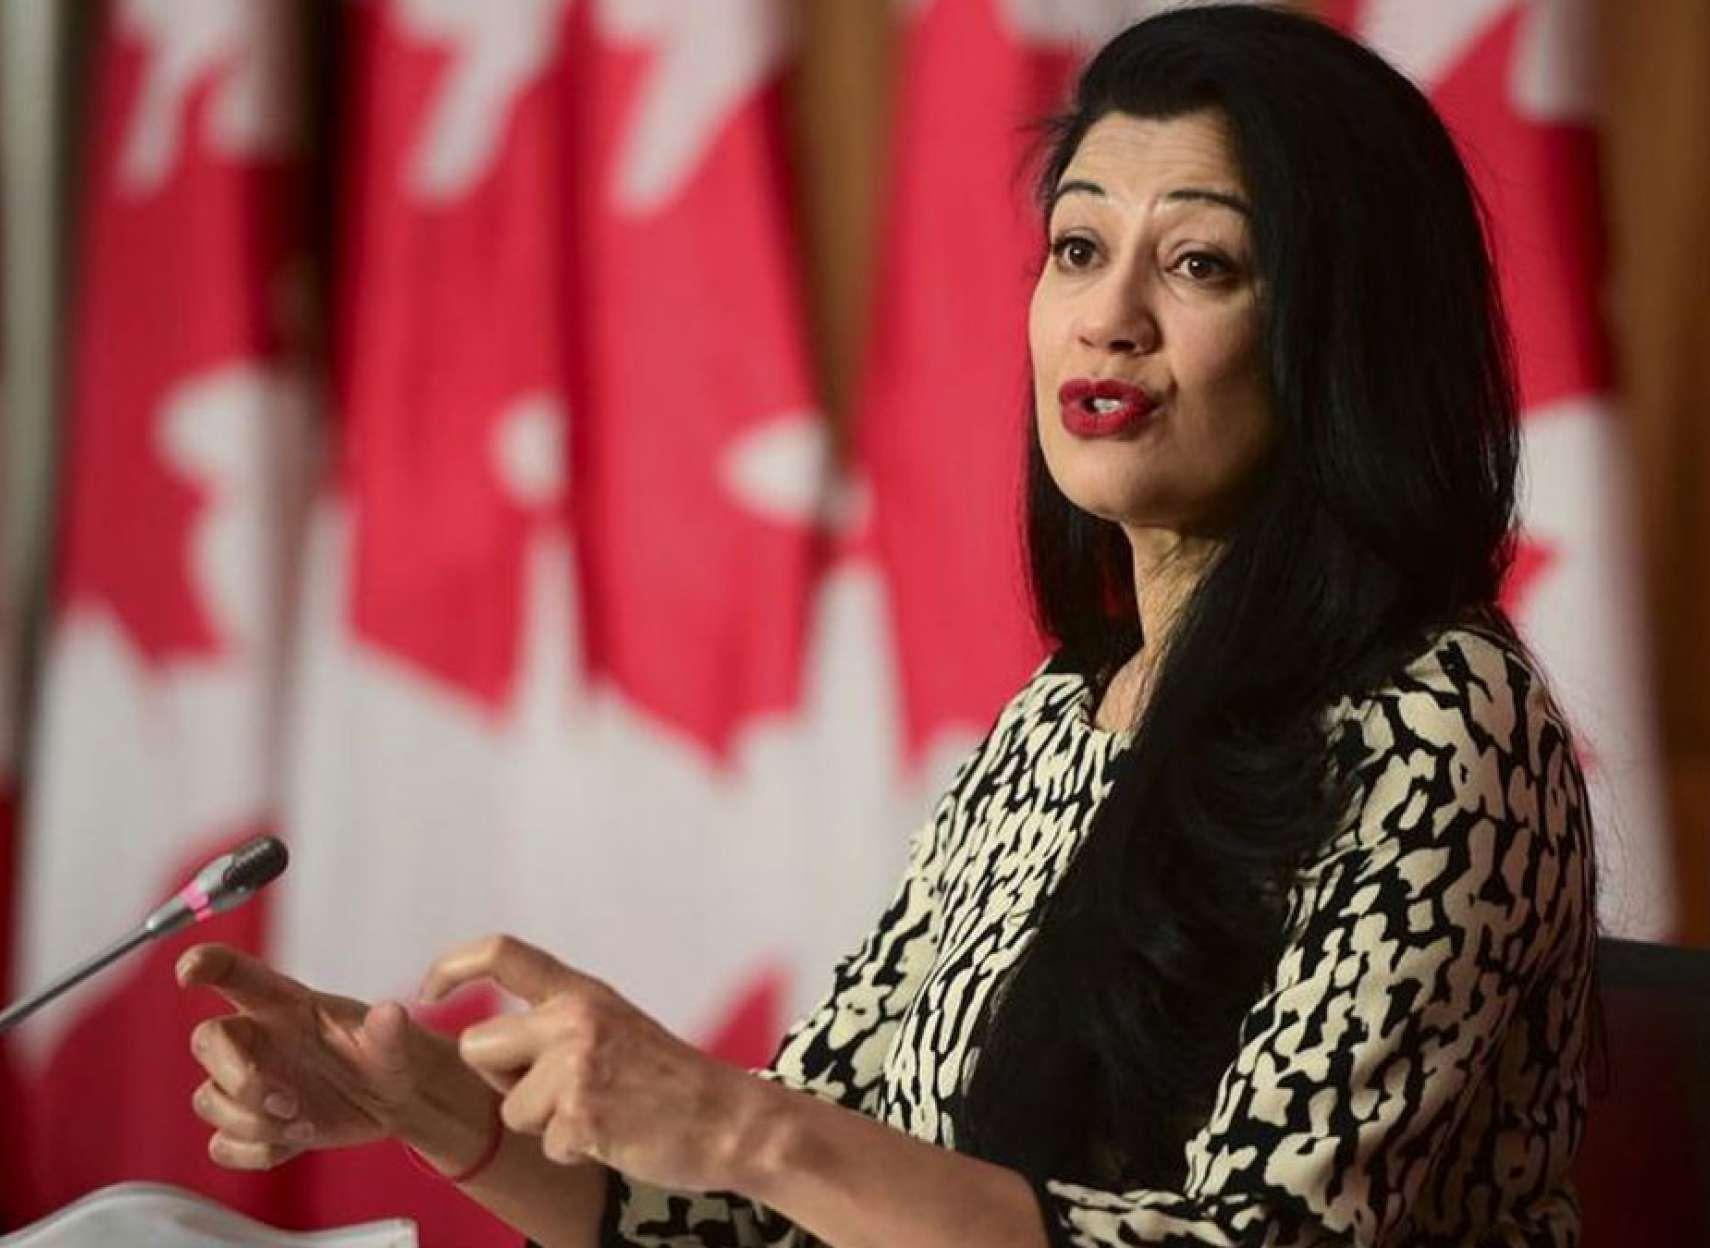 اخبار-کانادا-تایید-واکسن-فایزر-نوجوانان-۱۲-تا-۱۵-سال-فایزر-بدنبال-مجوز-کودکان-۵-تا-۱۱-سال